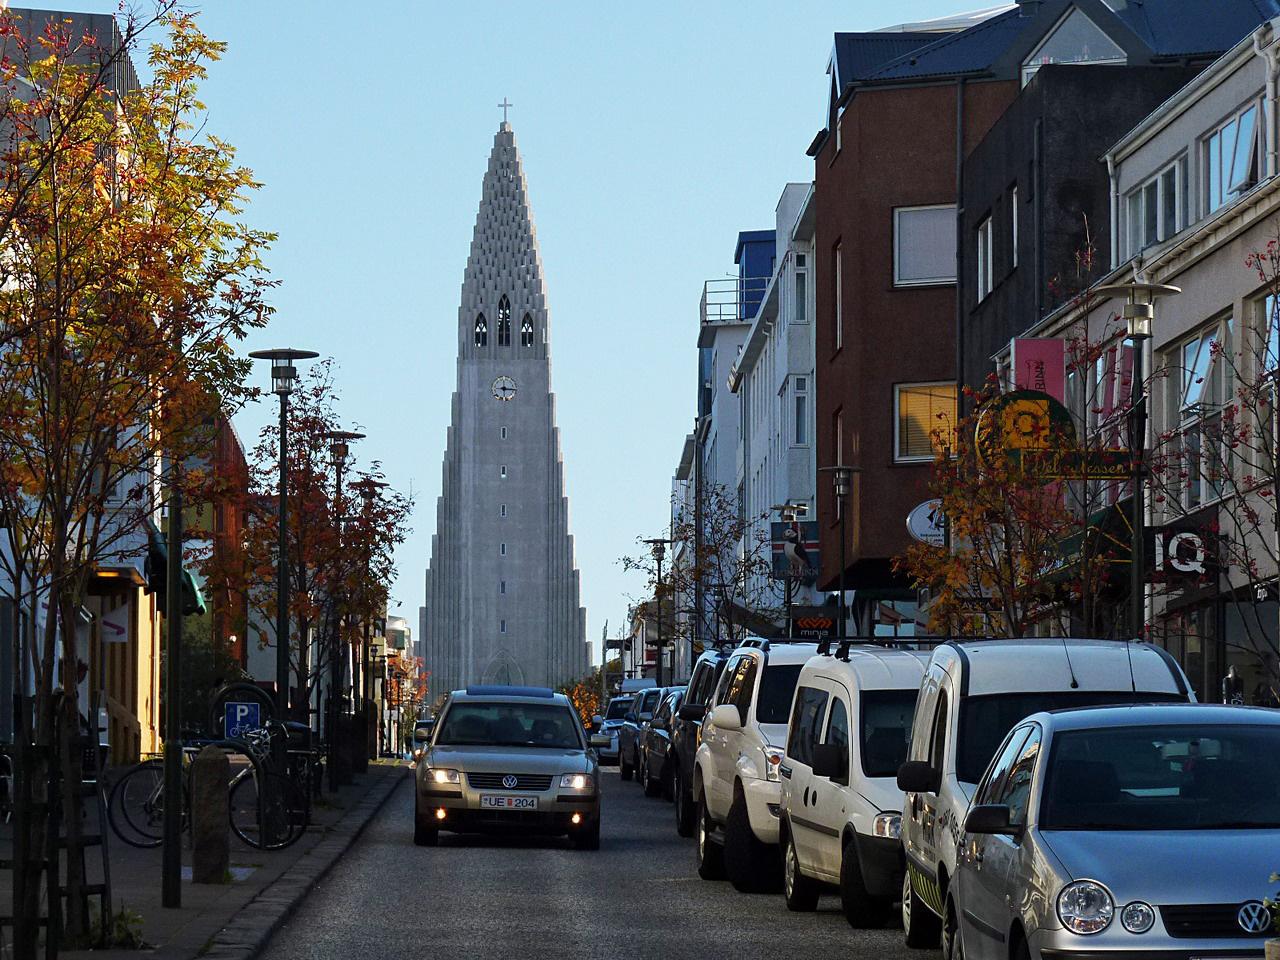 Belvárosi utca Reykjavíkban, háttérben a modern Hallgrímskirkaja templommal, amelynek tornyából páratlan kilátás nyílik a városra és a környező tájra. Az utcák példásan tiszták, Izlandon szinte ismeretlen fogalom a közterületi szemetelés